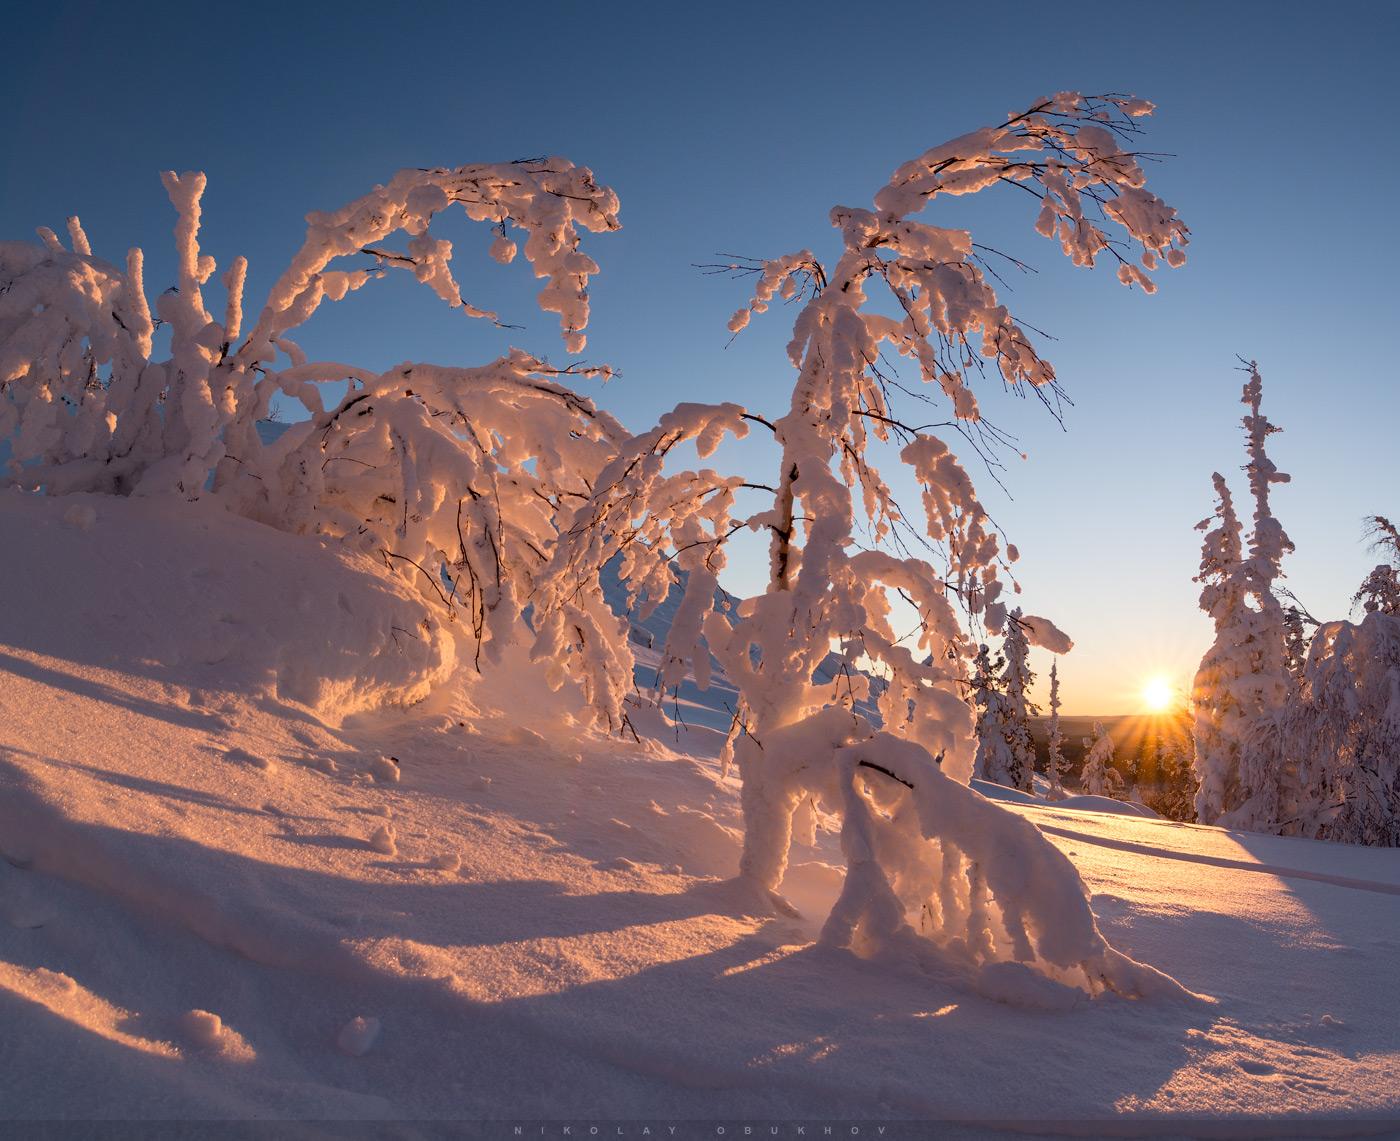 Фото 11. Вертикальная панорама из 2 горизонтальных кадров. Съемка пейзажей широкоугольным зумом Tokina 11-16mm f/2.8 DX II. Тушка Nikon D7100. Настройки: 11.0 mm, ISO 100, f/8.0, 1/100 s, 0 EV.